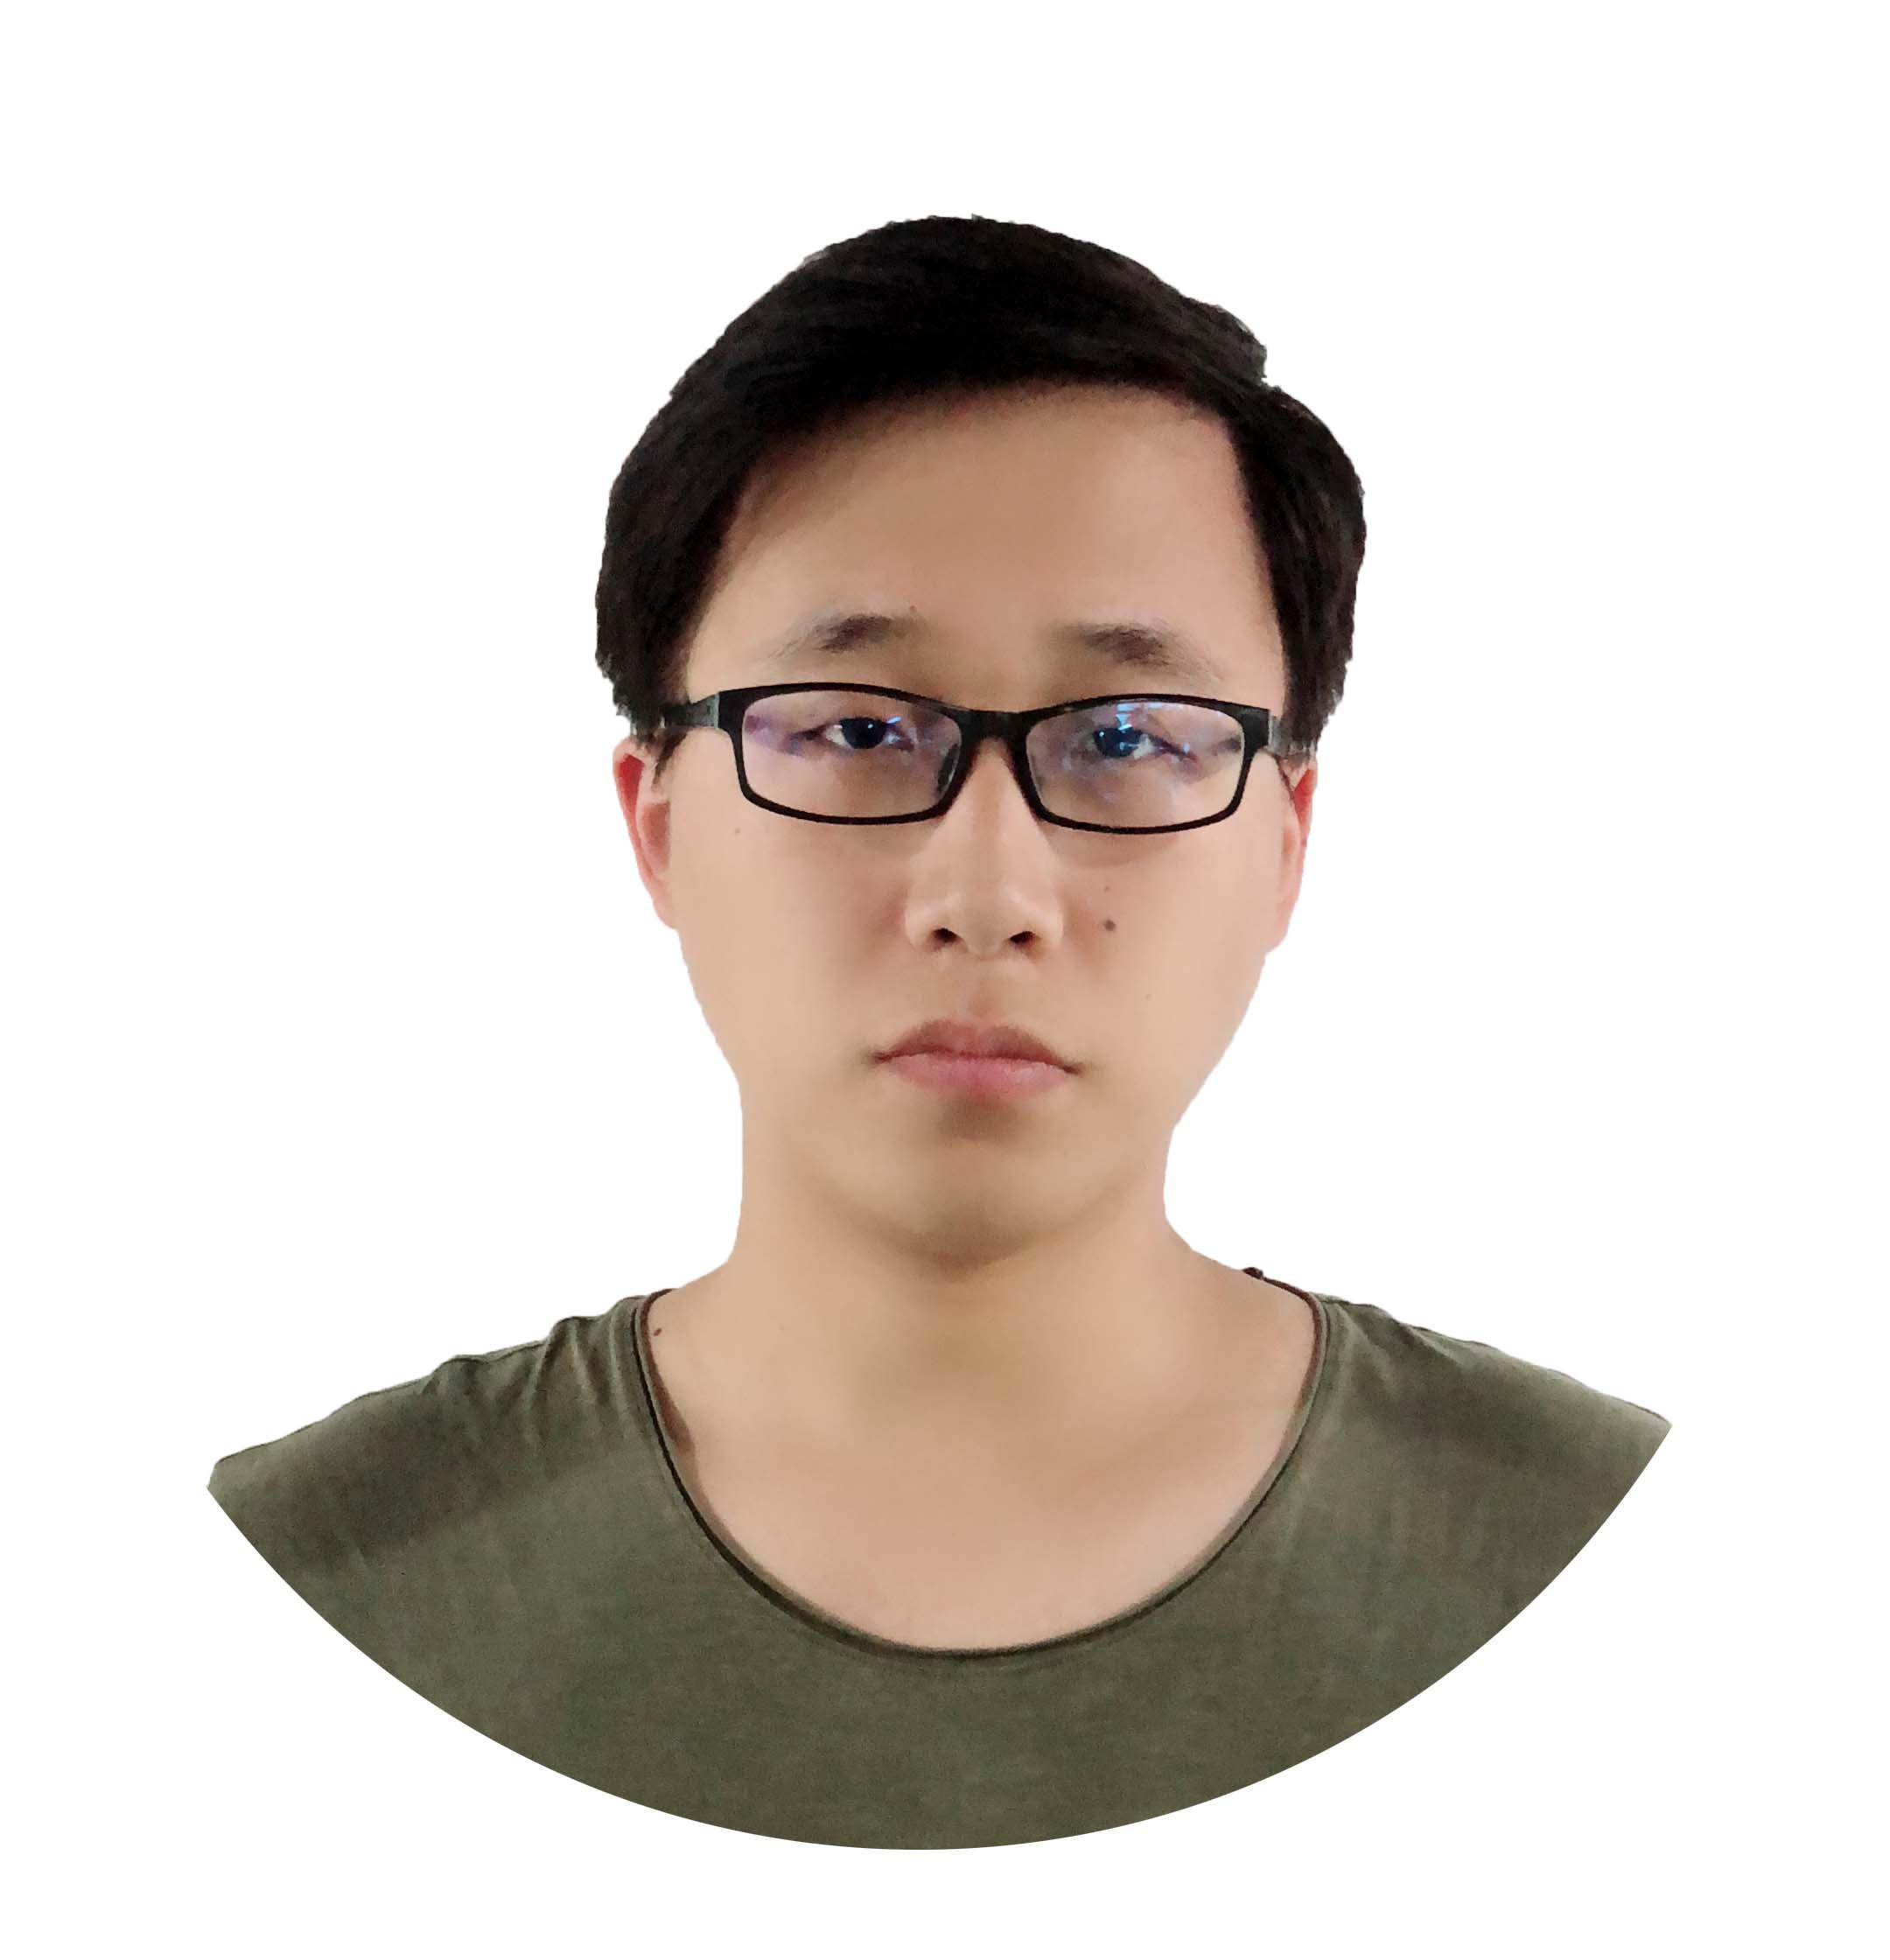 丁峰简历_毛帅简历_又拍云又拍云图片家资深开发工程师毛帅受邀参会